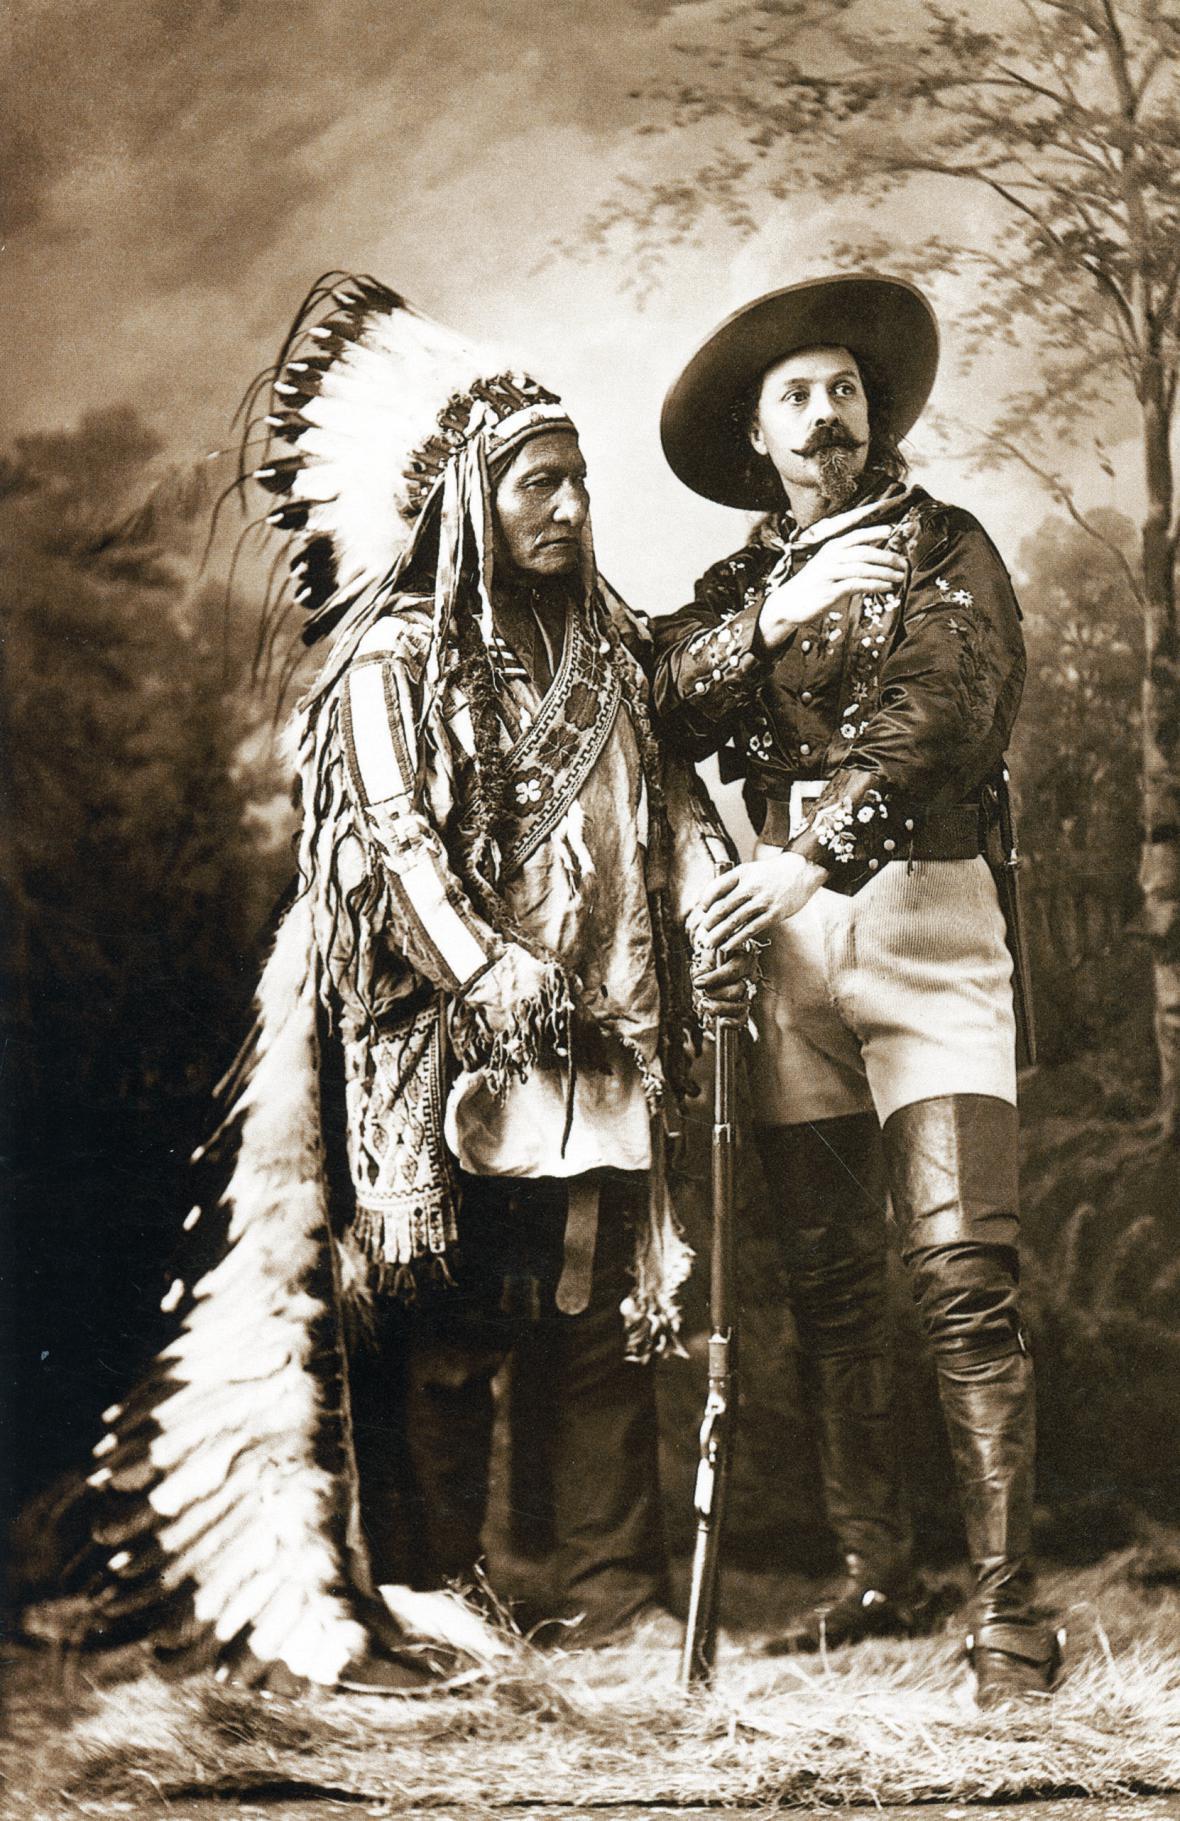 Sedící býk a William Cody: oba slavné muže v roce 1885 v kanadském Montrealu vyfotografoval W. Notman